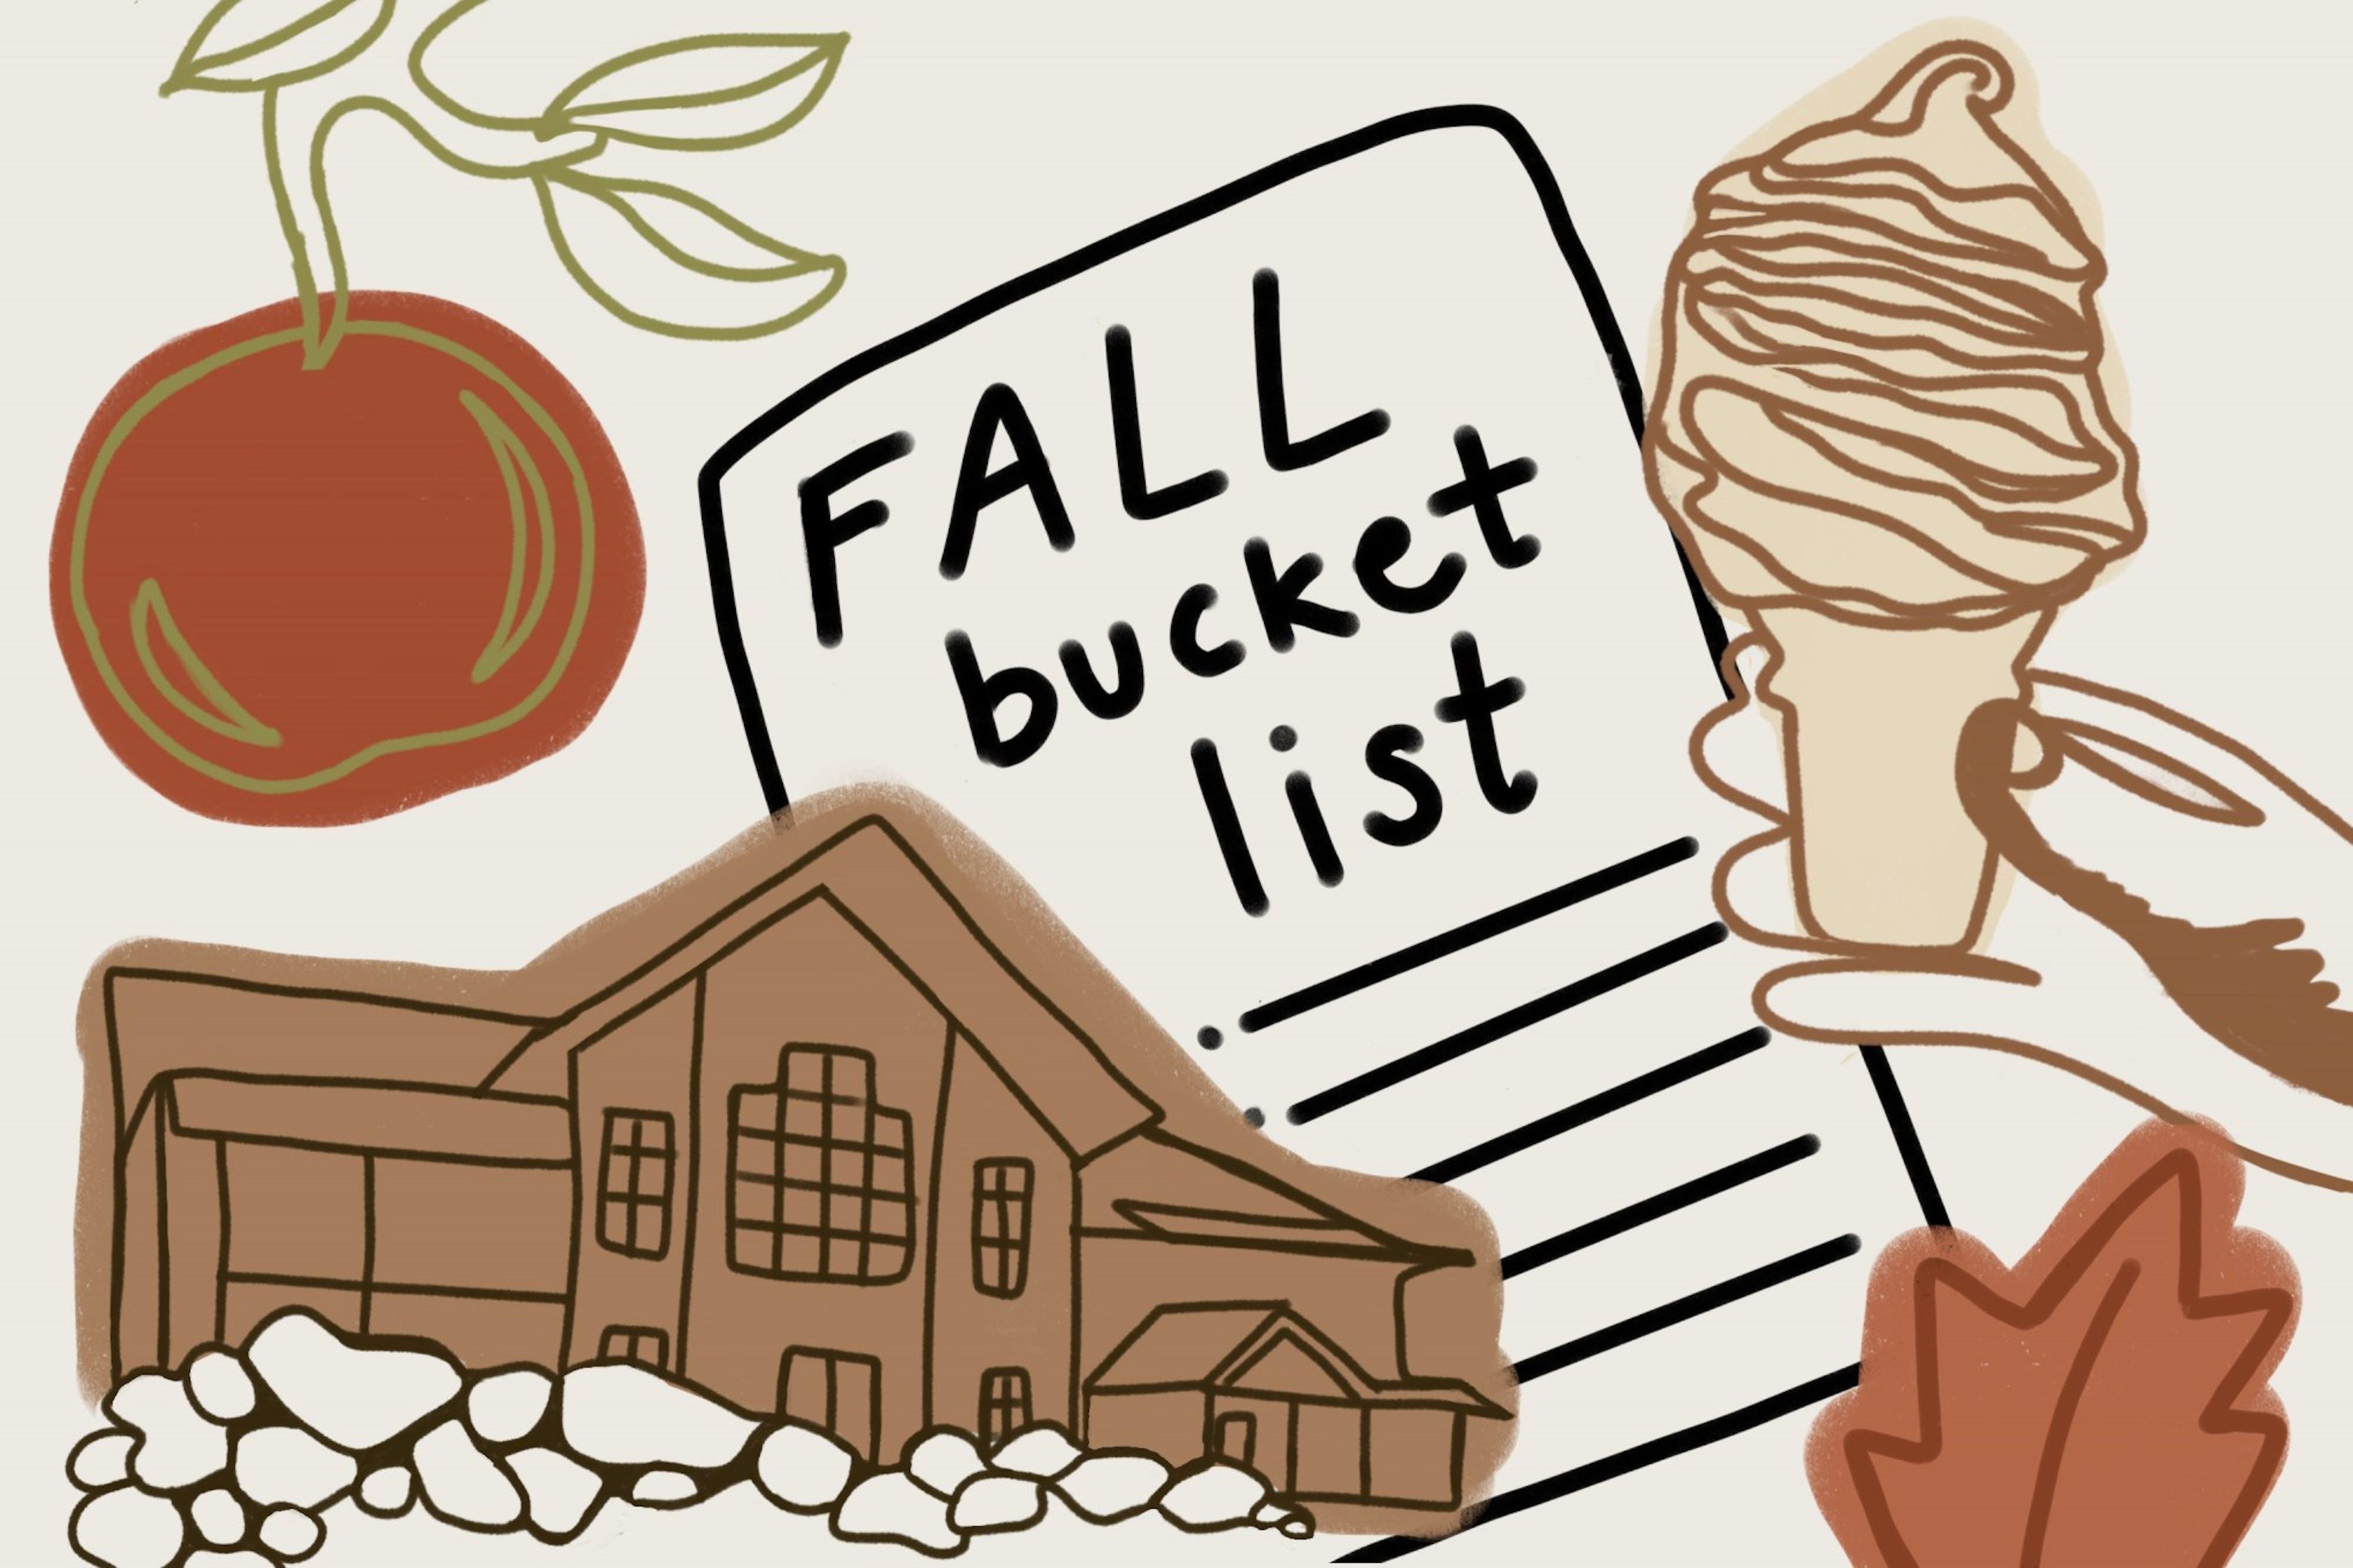 fallbucketlist-print